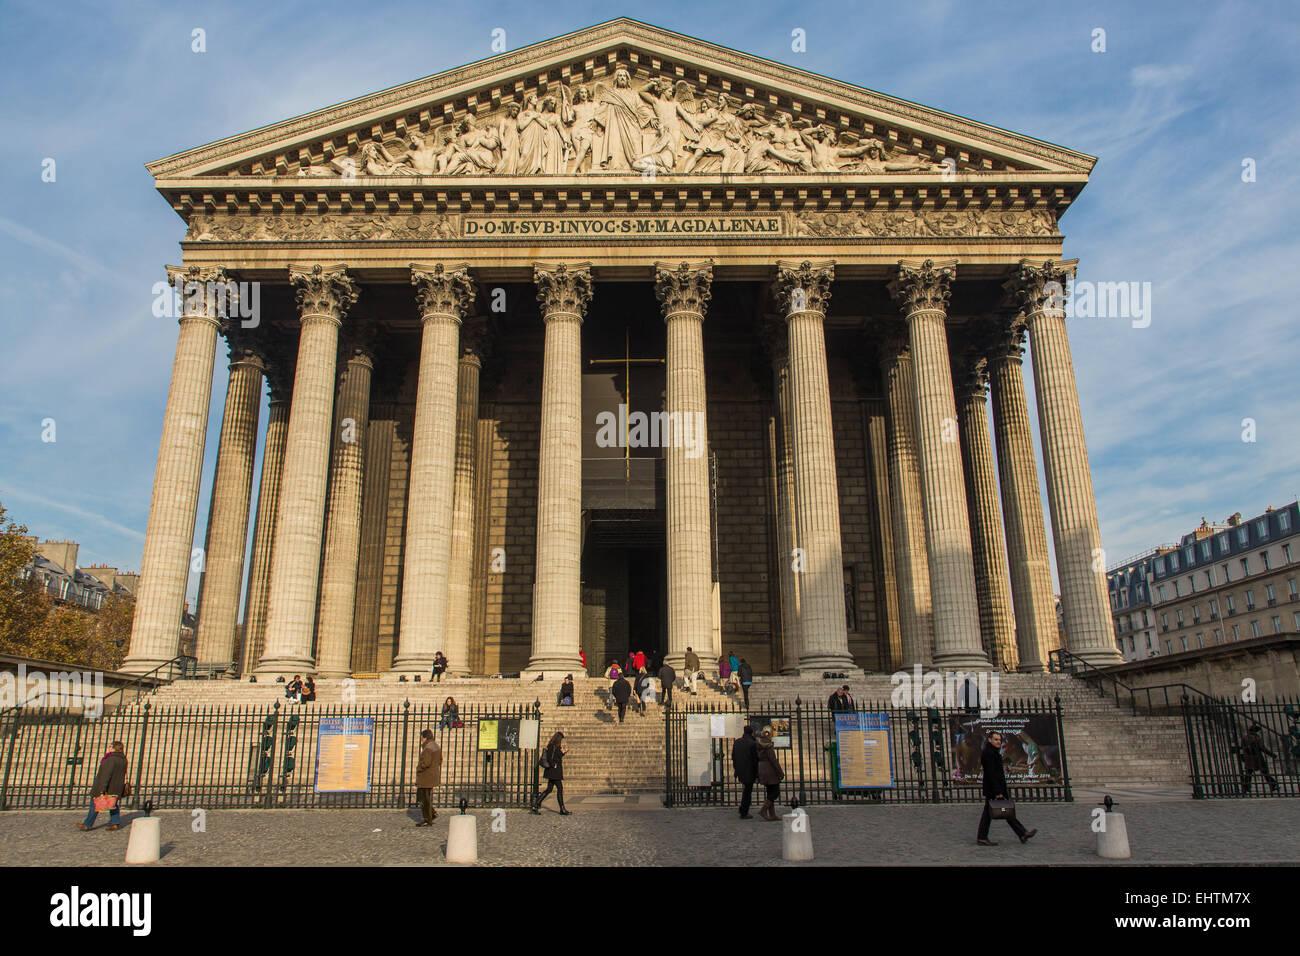 ABBILDUNG DER STADT PARIS, ILE DE FRANCE, FRANKREICH Stockfoto